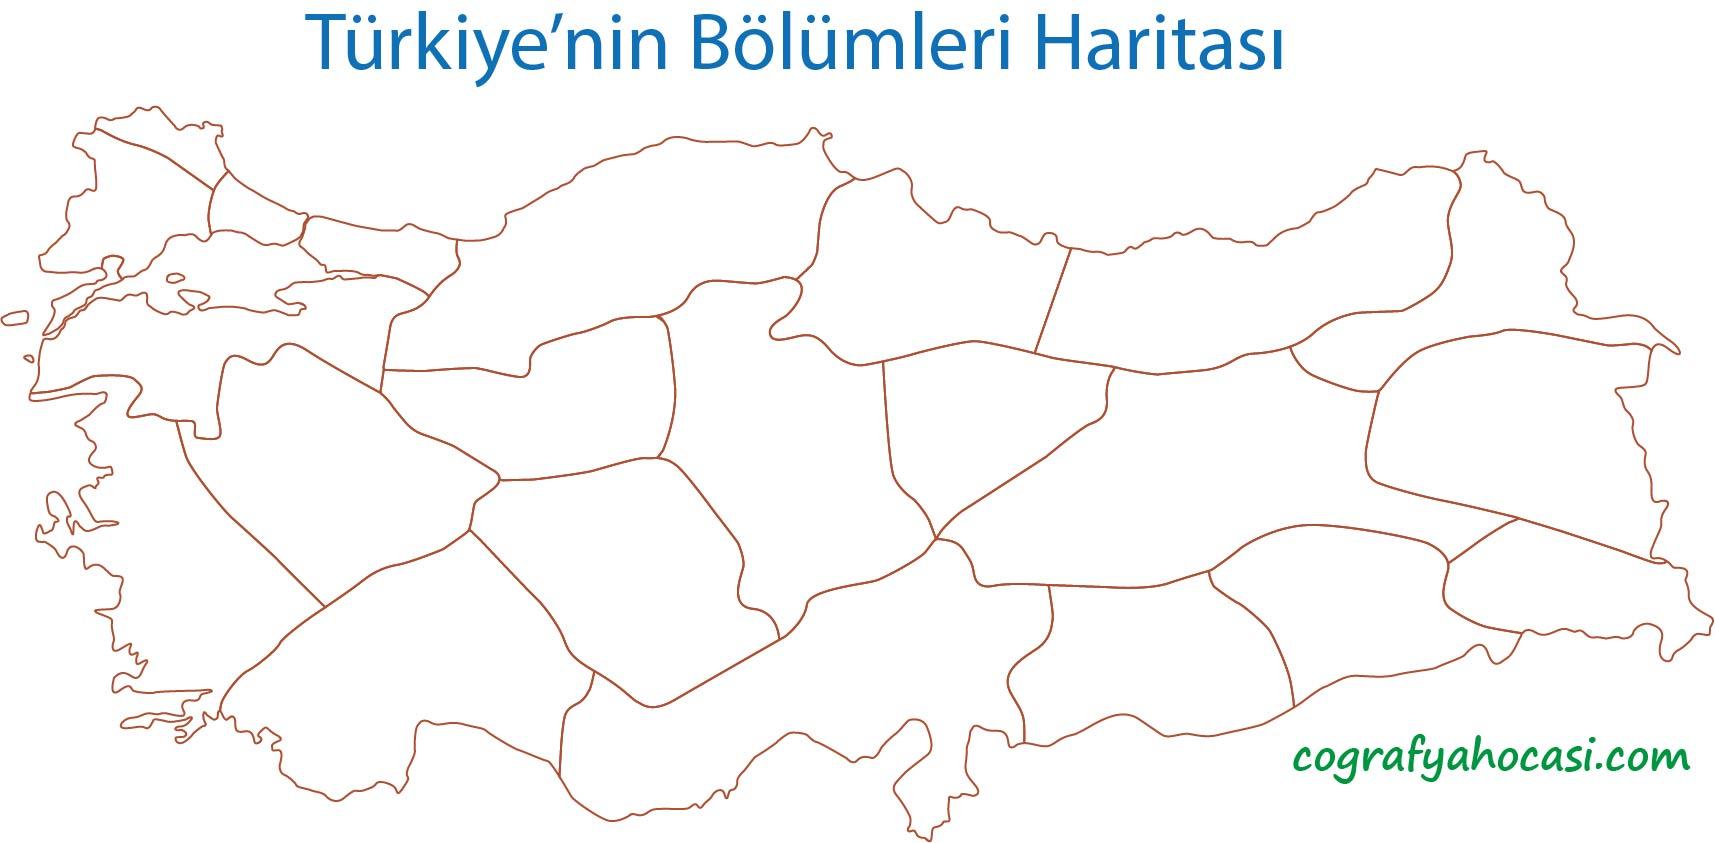 Türkiye'nin Bölümleri Dilsiz Harita